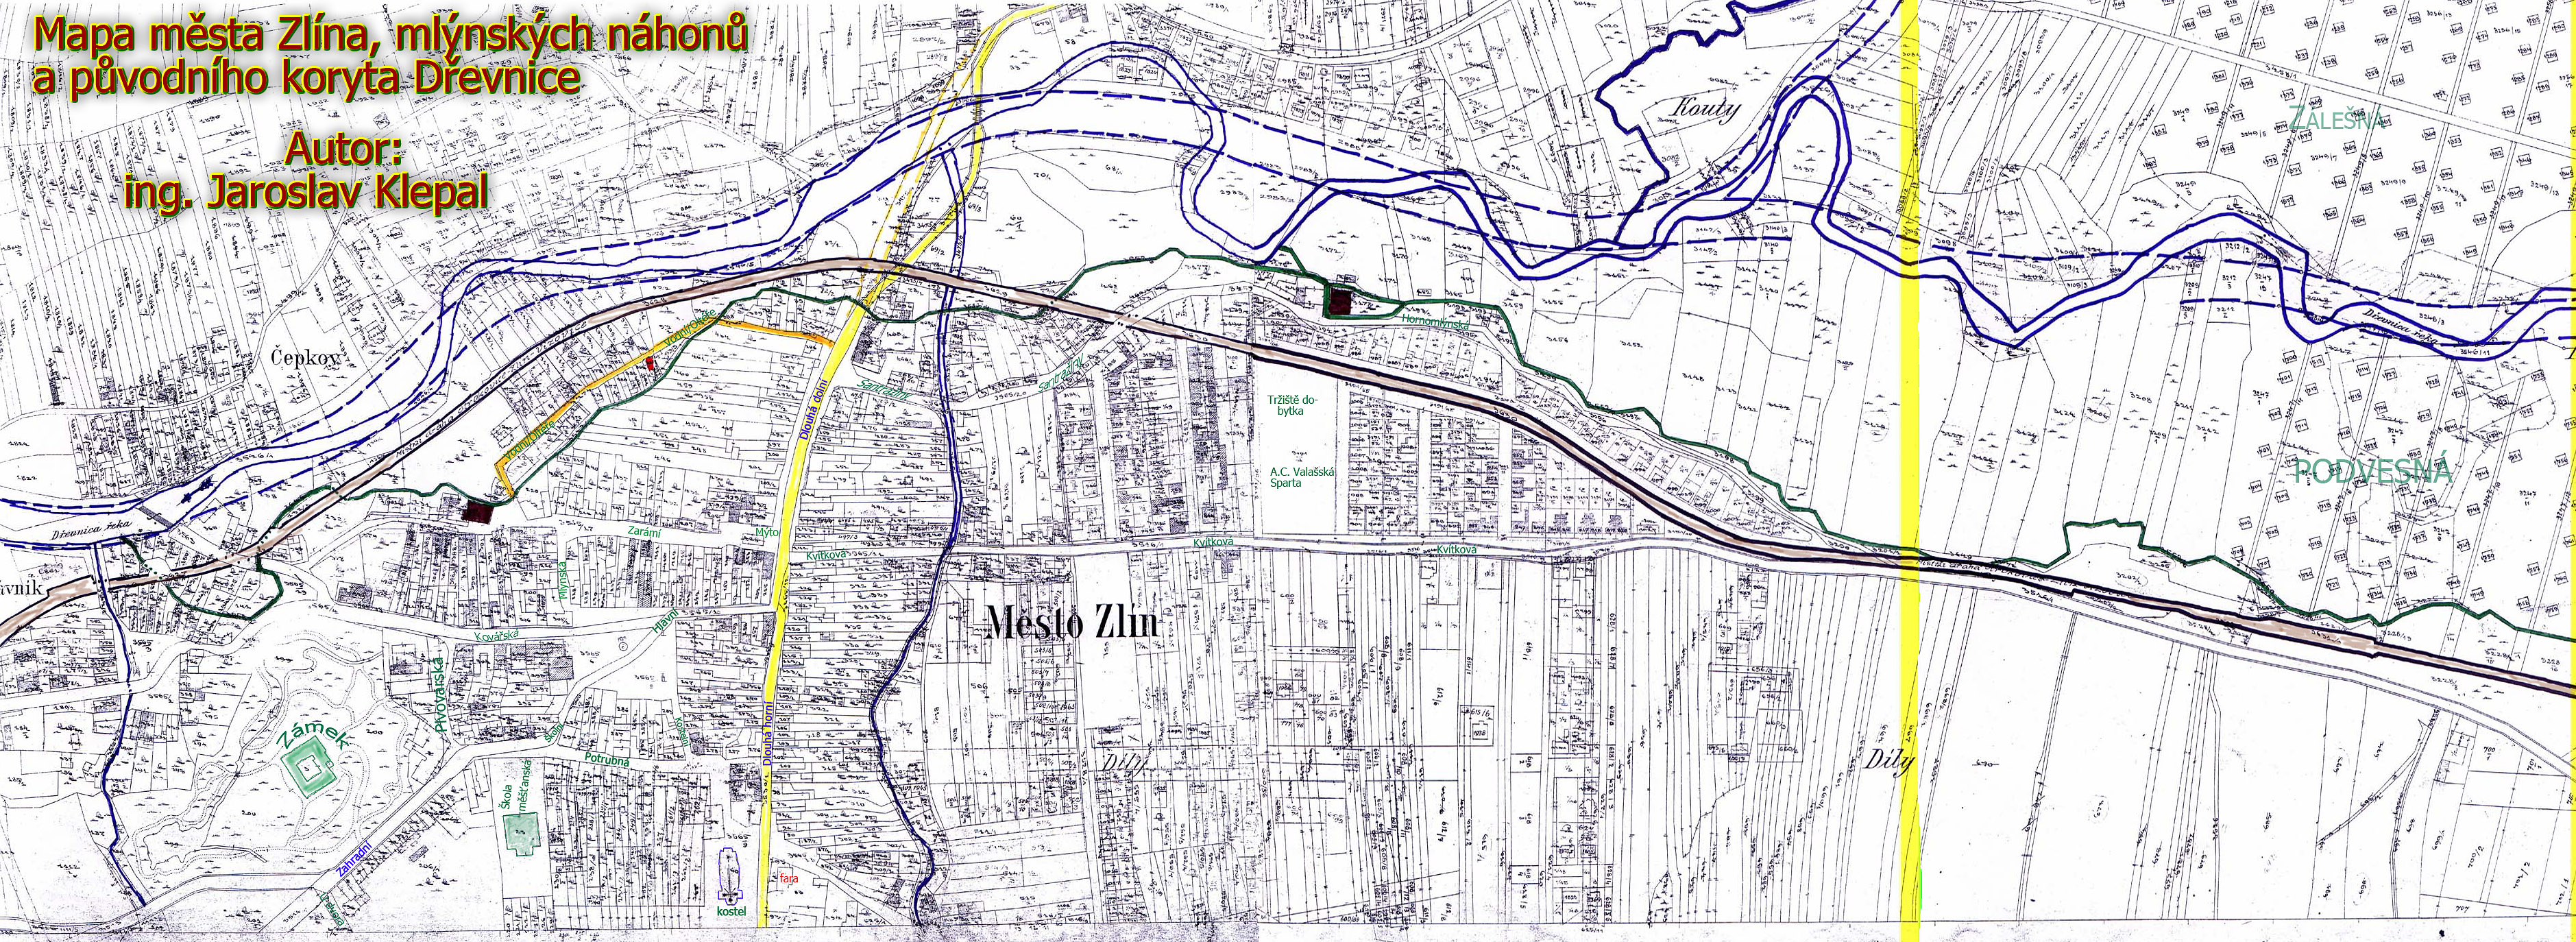 Mapa - Zlín, mlýny a náhony, původní koryto Dřevnice